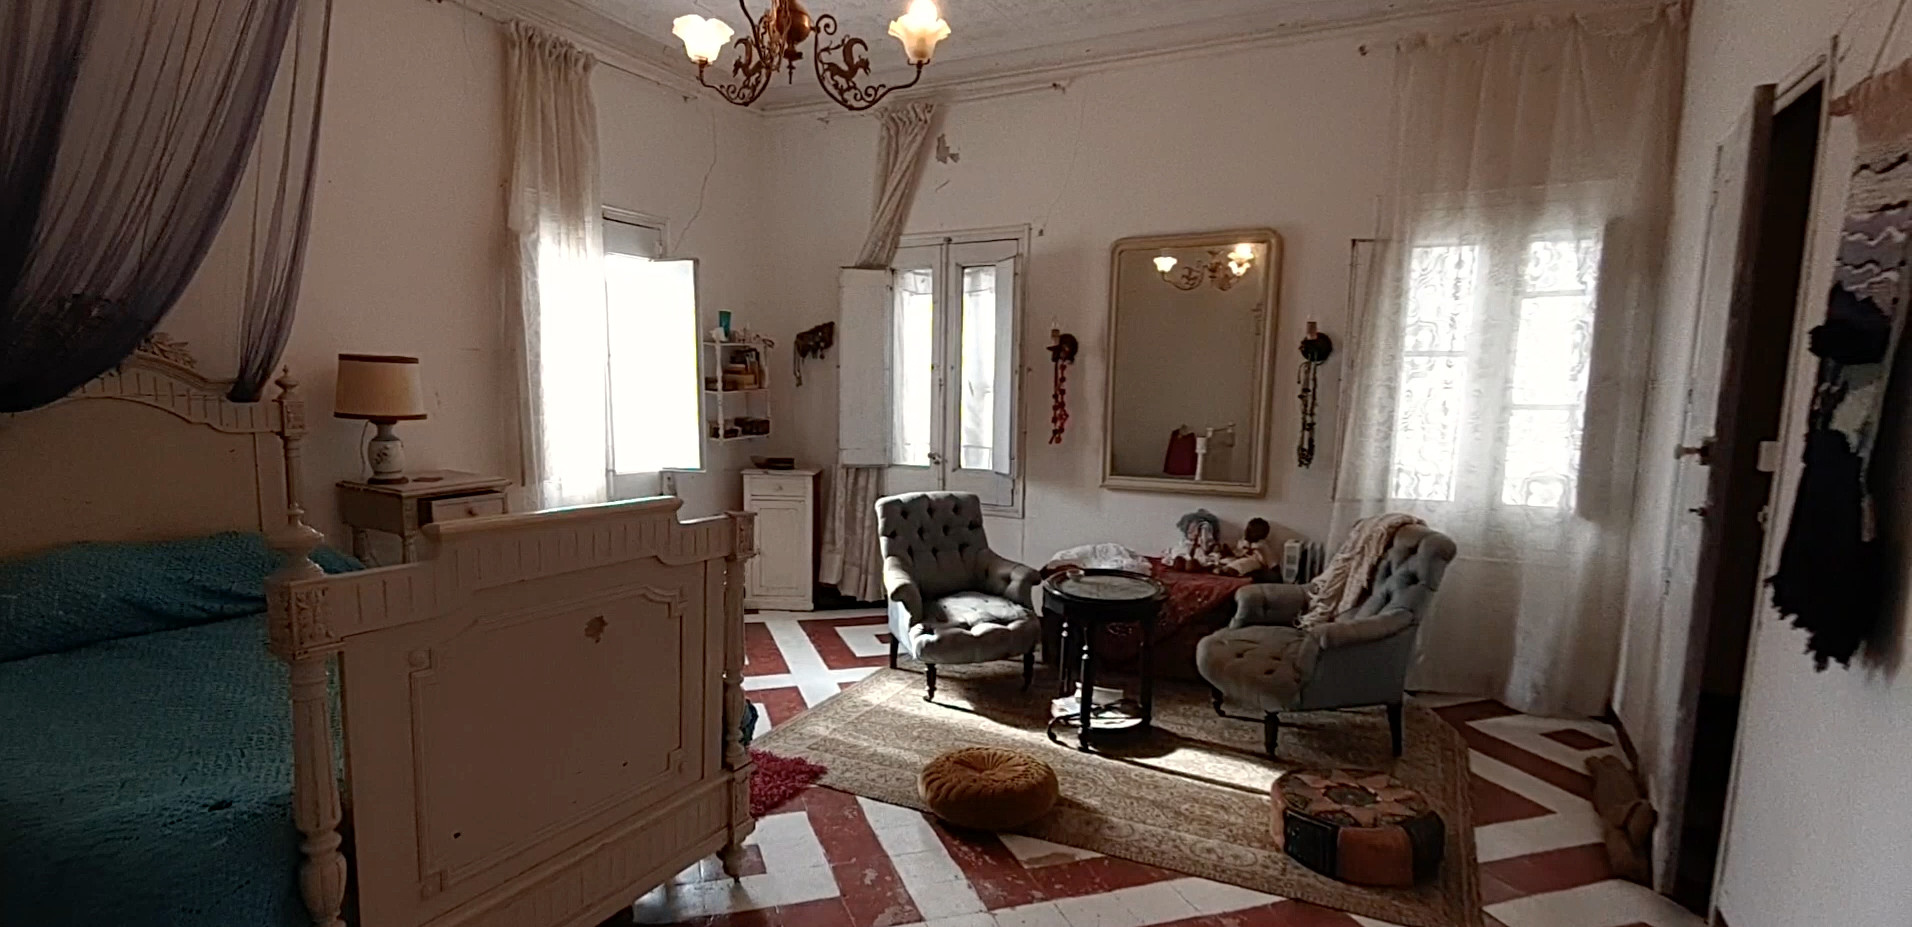 Habitación Casa Torre S XIX / 19th century house room